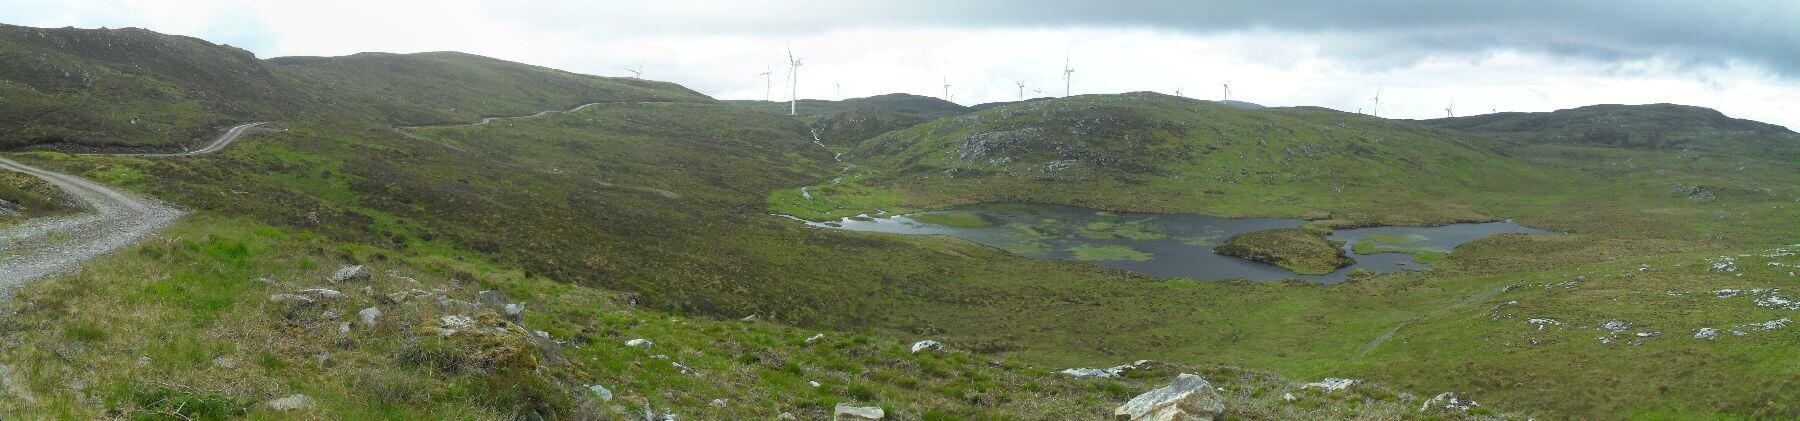 und mitten durch die im Bau befindliche <em>Bhlaraid Wind Farm</em>